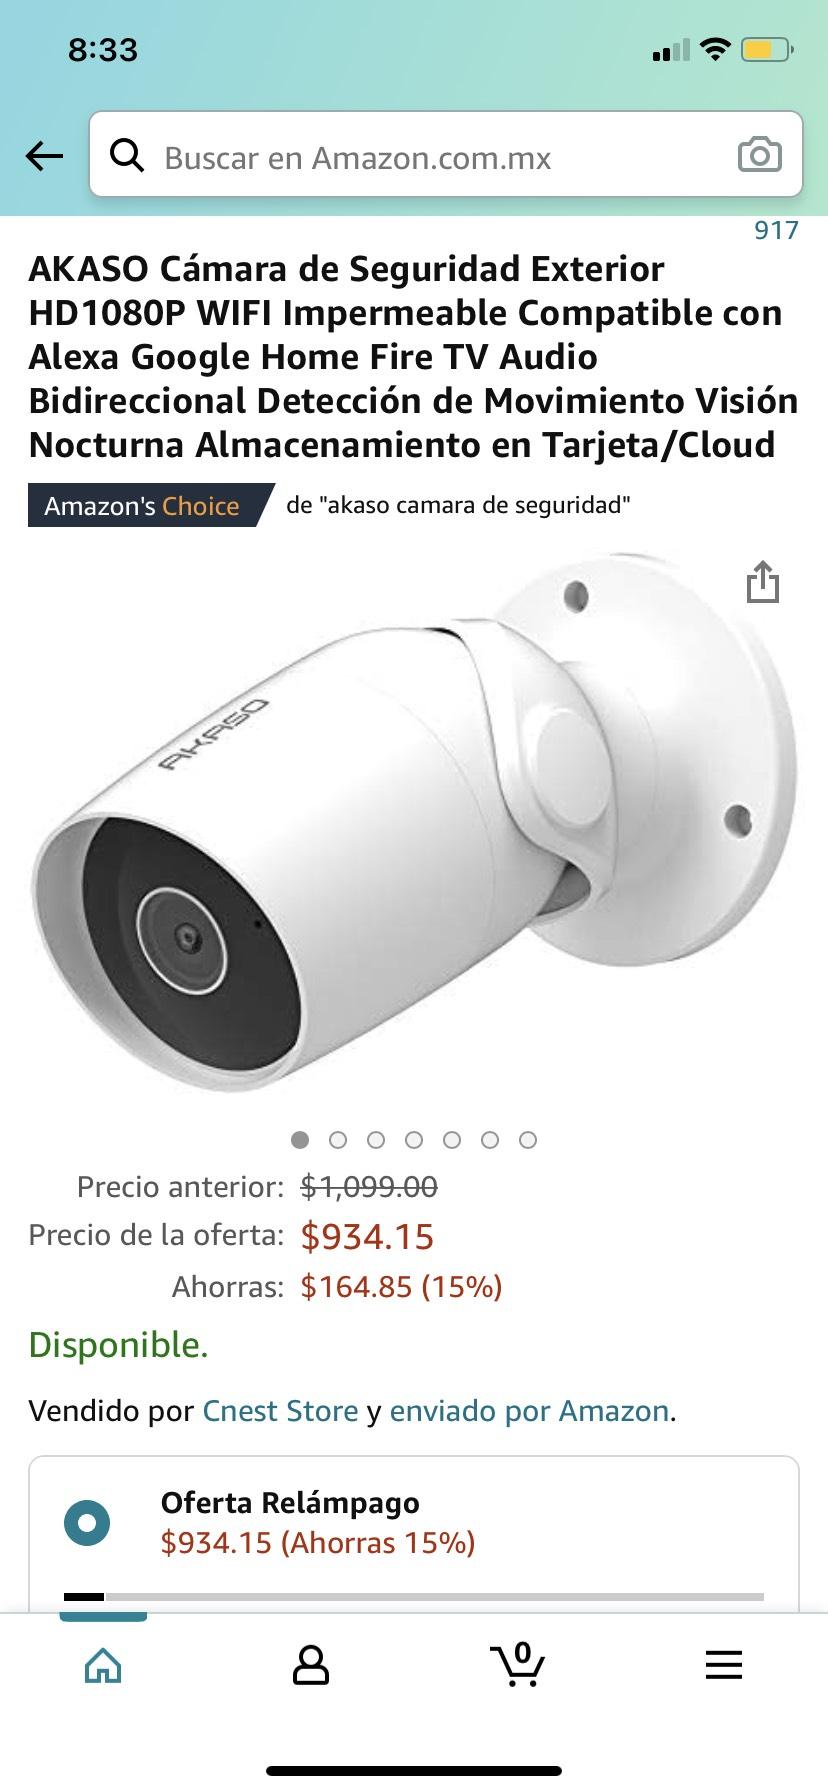 Amazon, Akaso cámara de seguridad WIFI